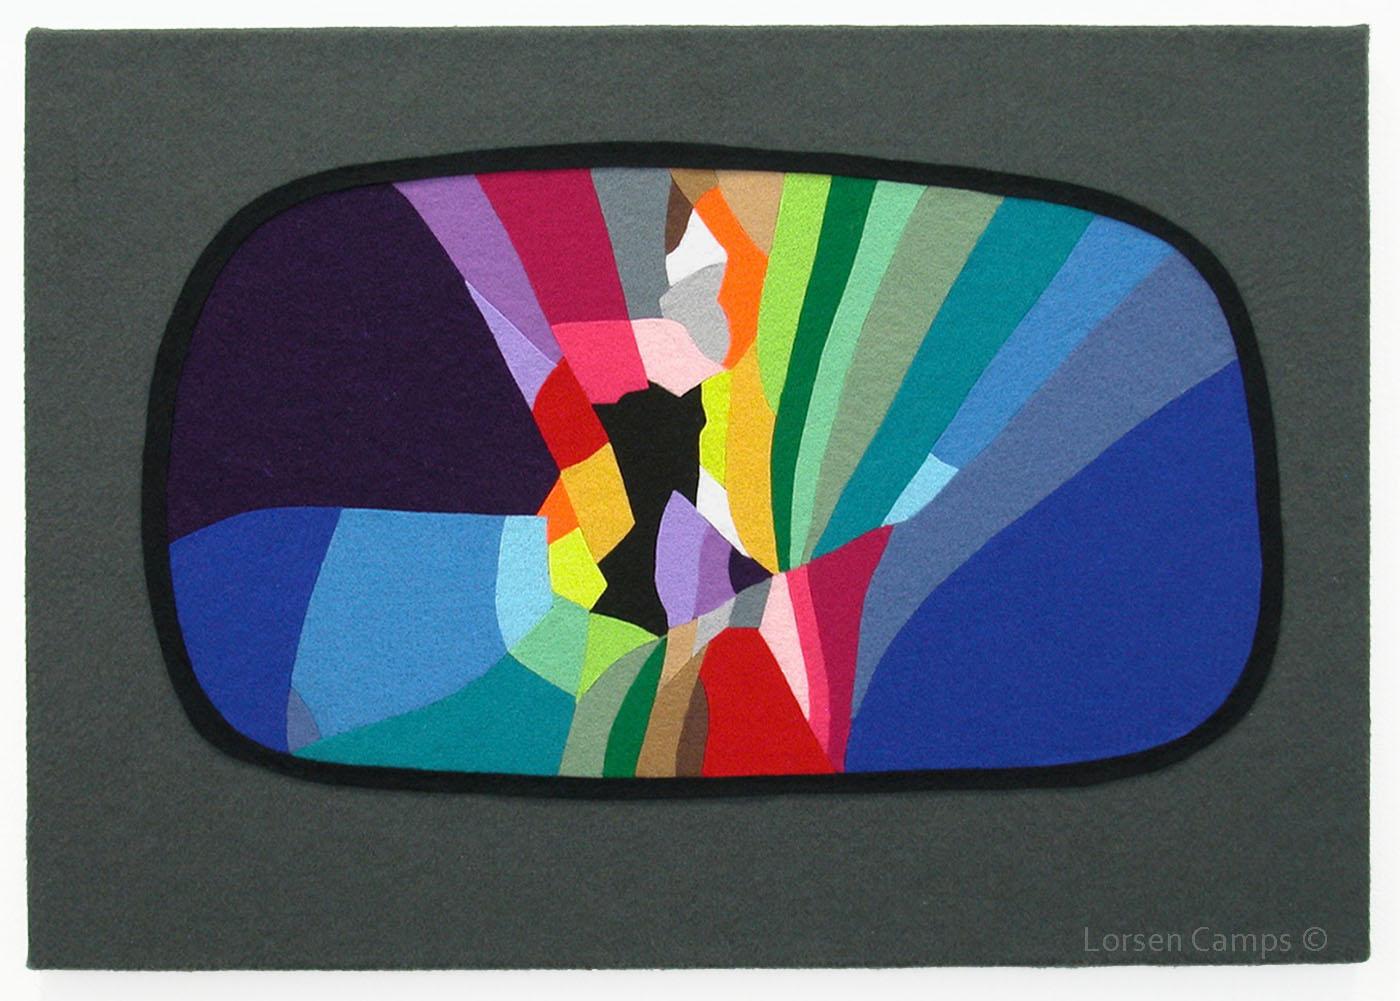 Felt Wing Mirror (2008)